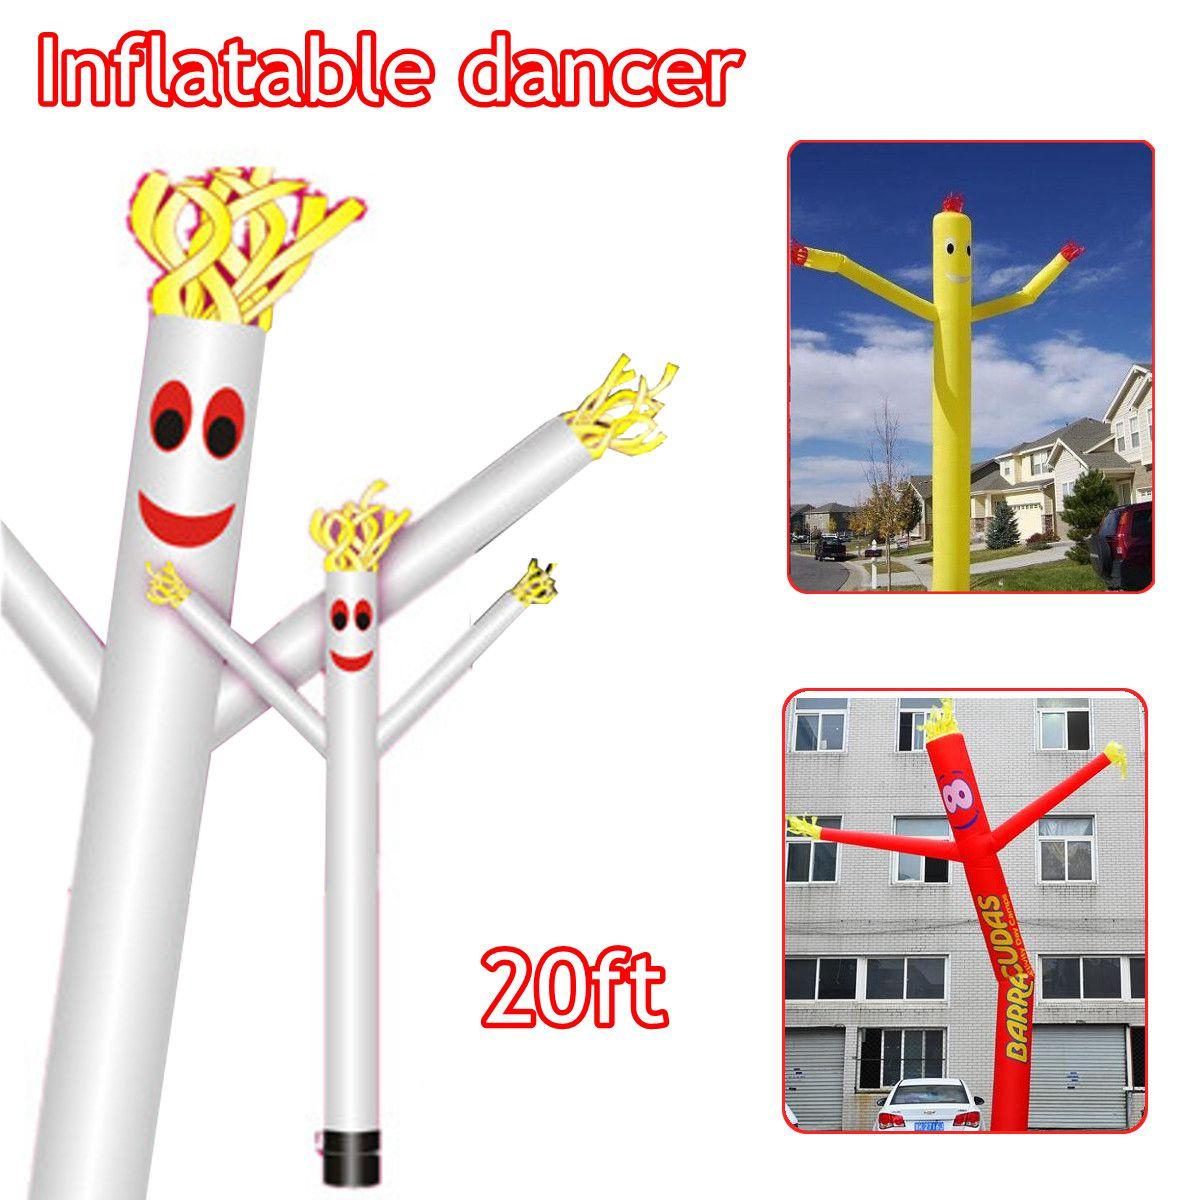 20ft/6 m Vent Danseur Tube Dessin Animé Homme De Danse Gonflable Marionnette D'air De Ciel D'air Homme Dansant Pour publicité - 4